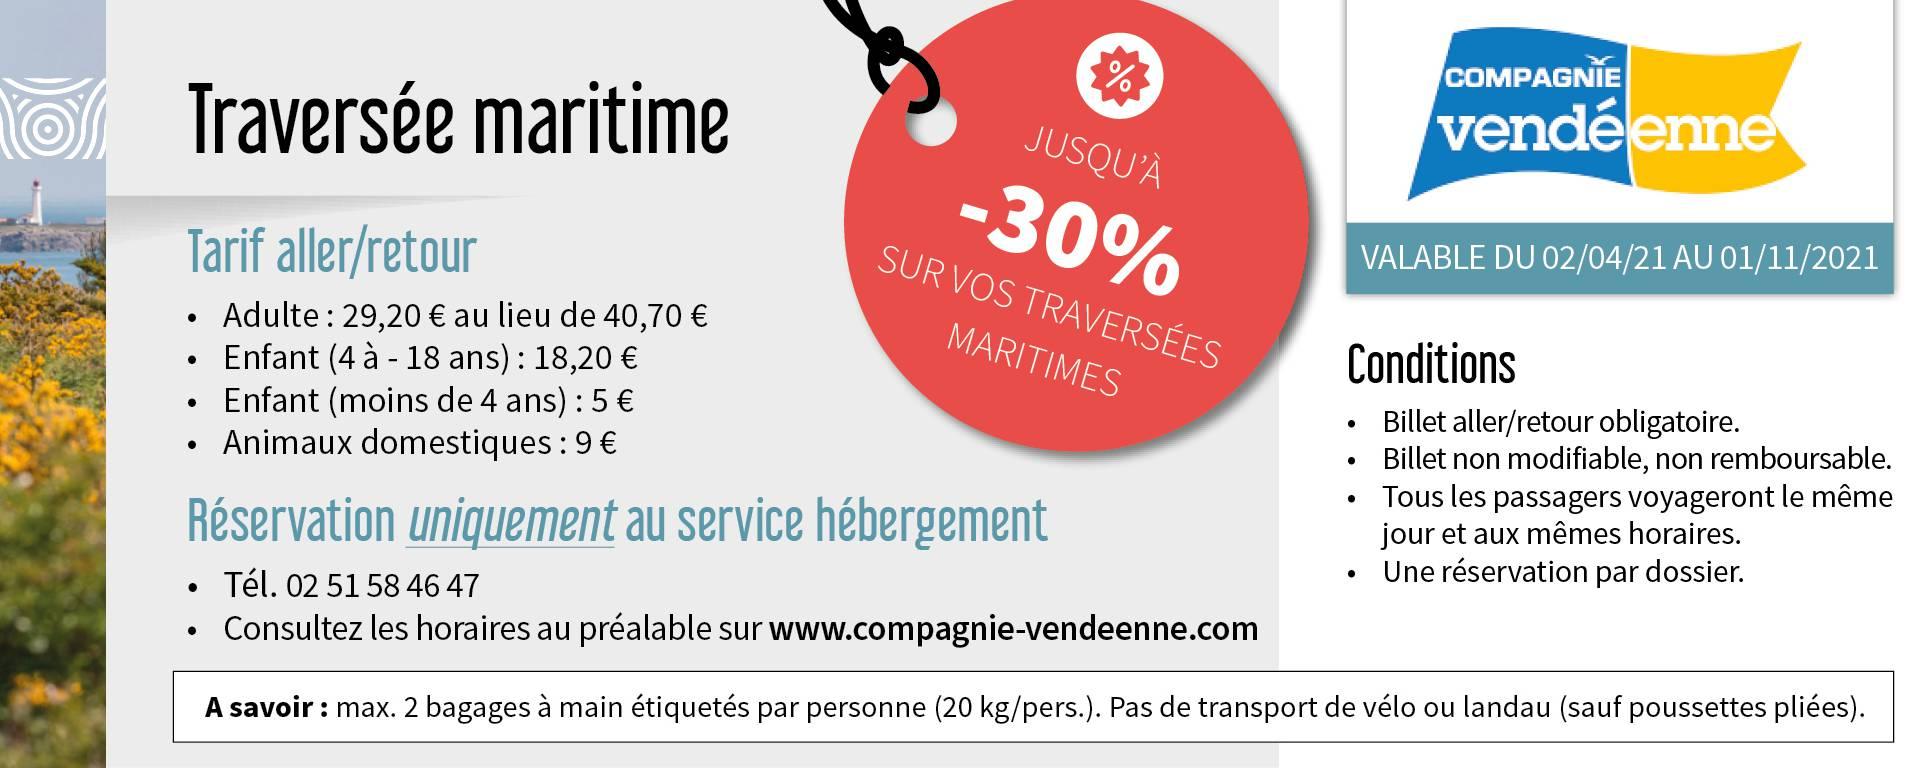 Bénéficiez de remises sur les traversées maritimes auprès de la Compagnie Vendéenne en réservant une location affichant le logo rouge remise dans le parc de la Centrale de réservation de l'Office de Tourisme